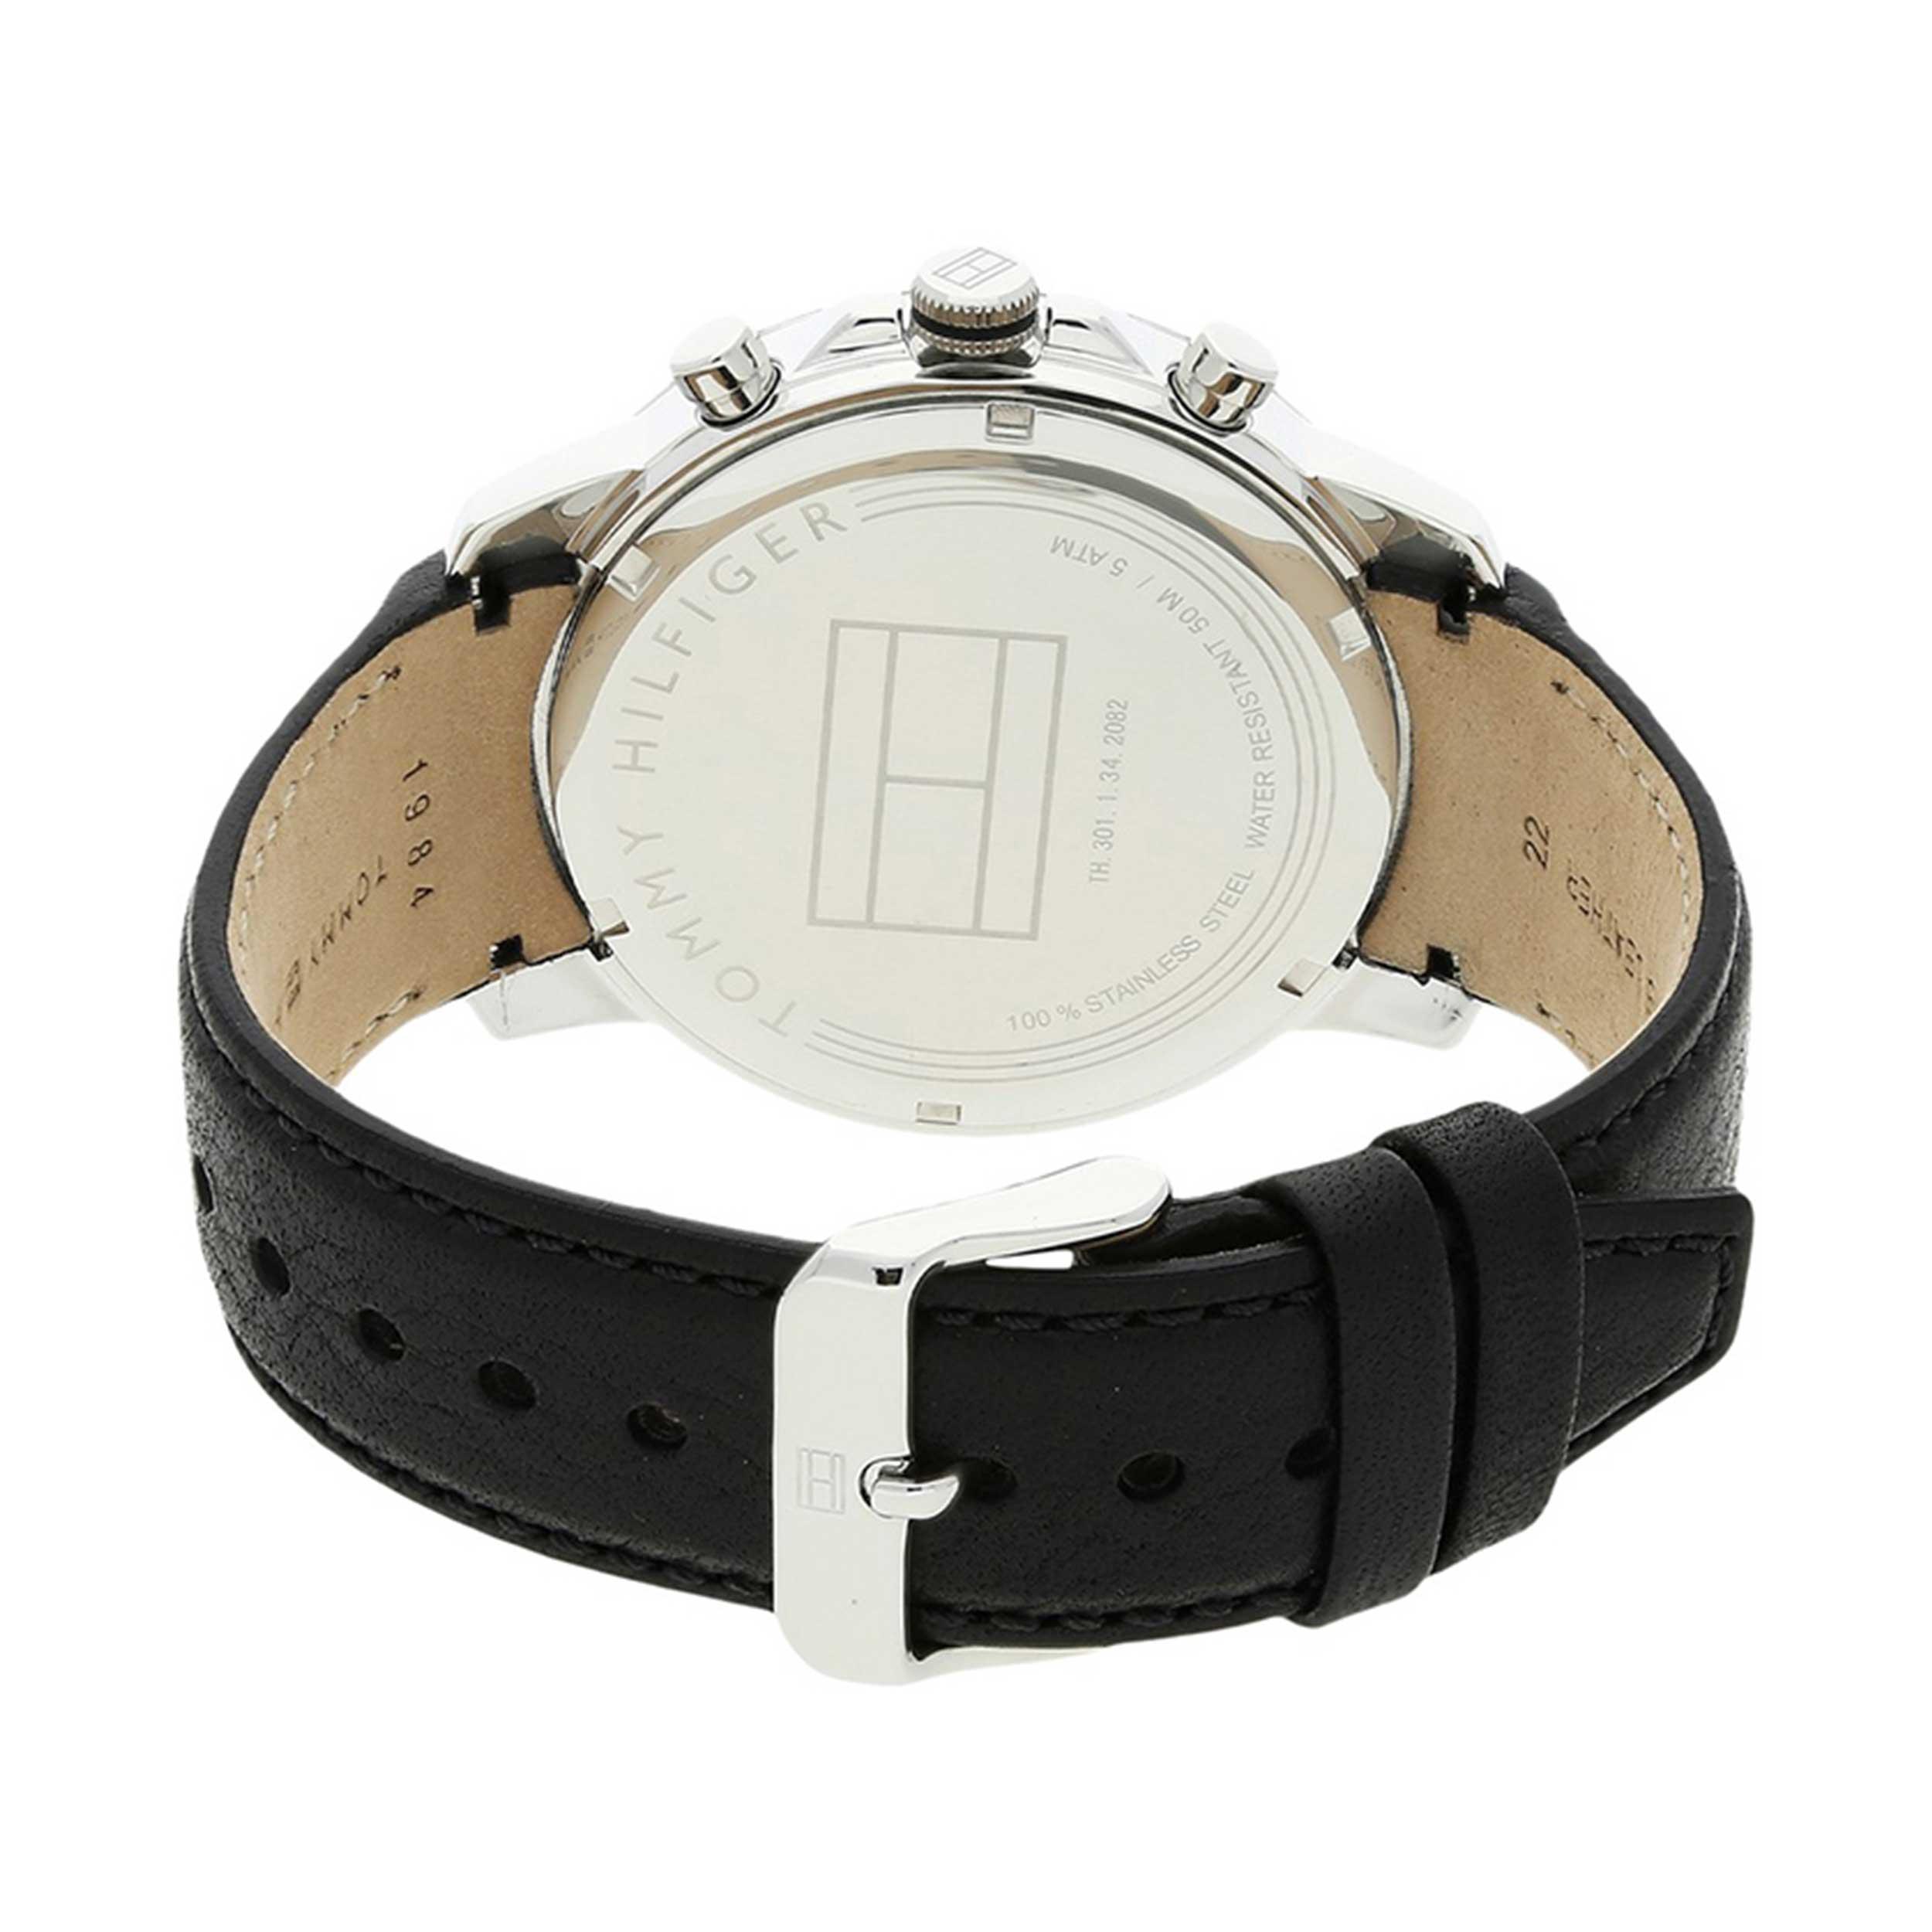 ساعت مچی عقربه ای مردانه تامی هیلفیگر مدل 1791268